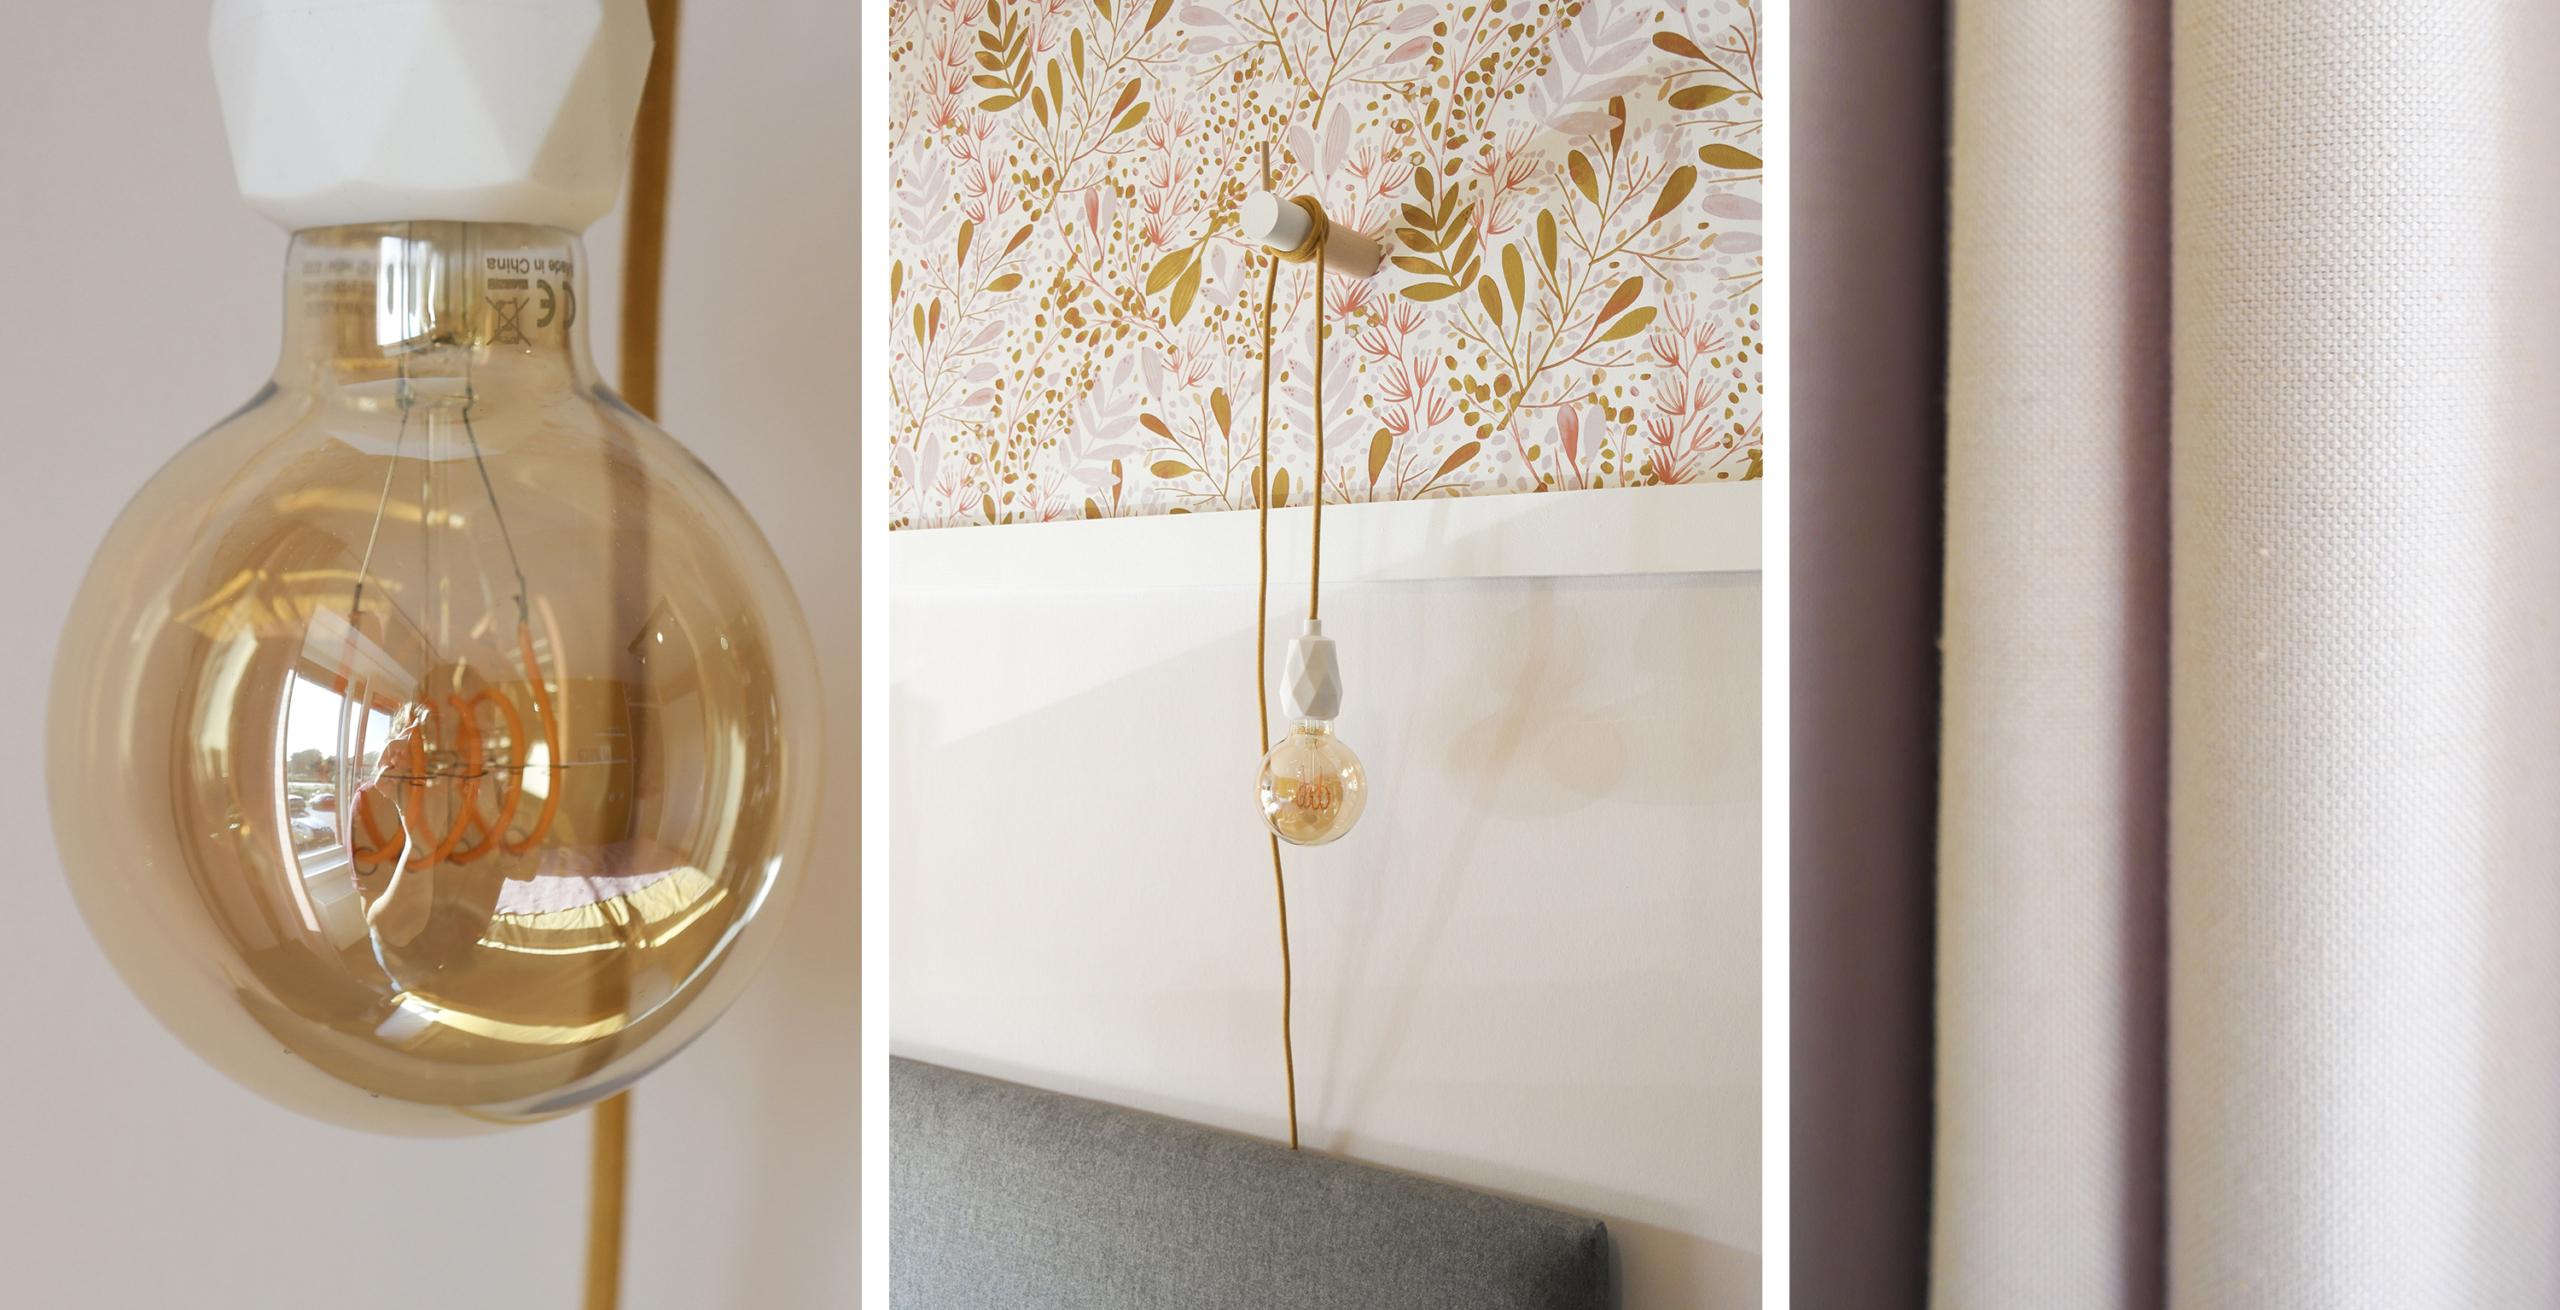 kleur interieurstyling slaapkamer Blitz ontwerpt lamp snoerboer strijkijzersnoer